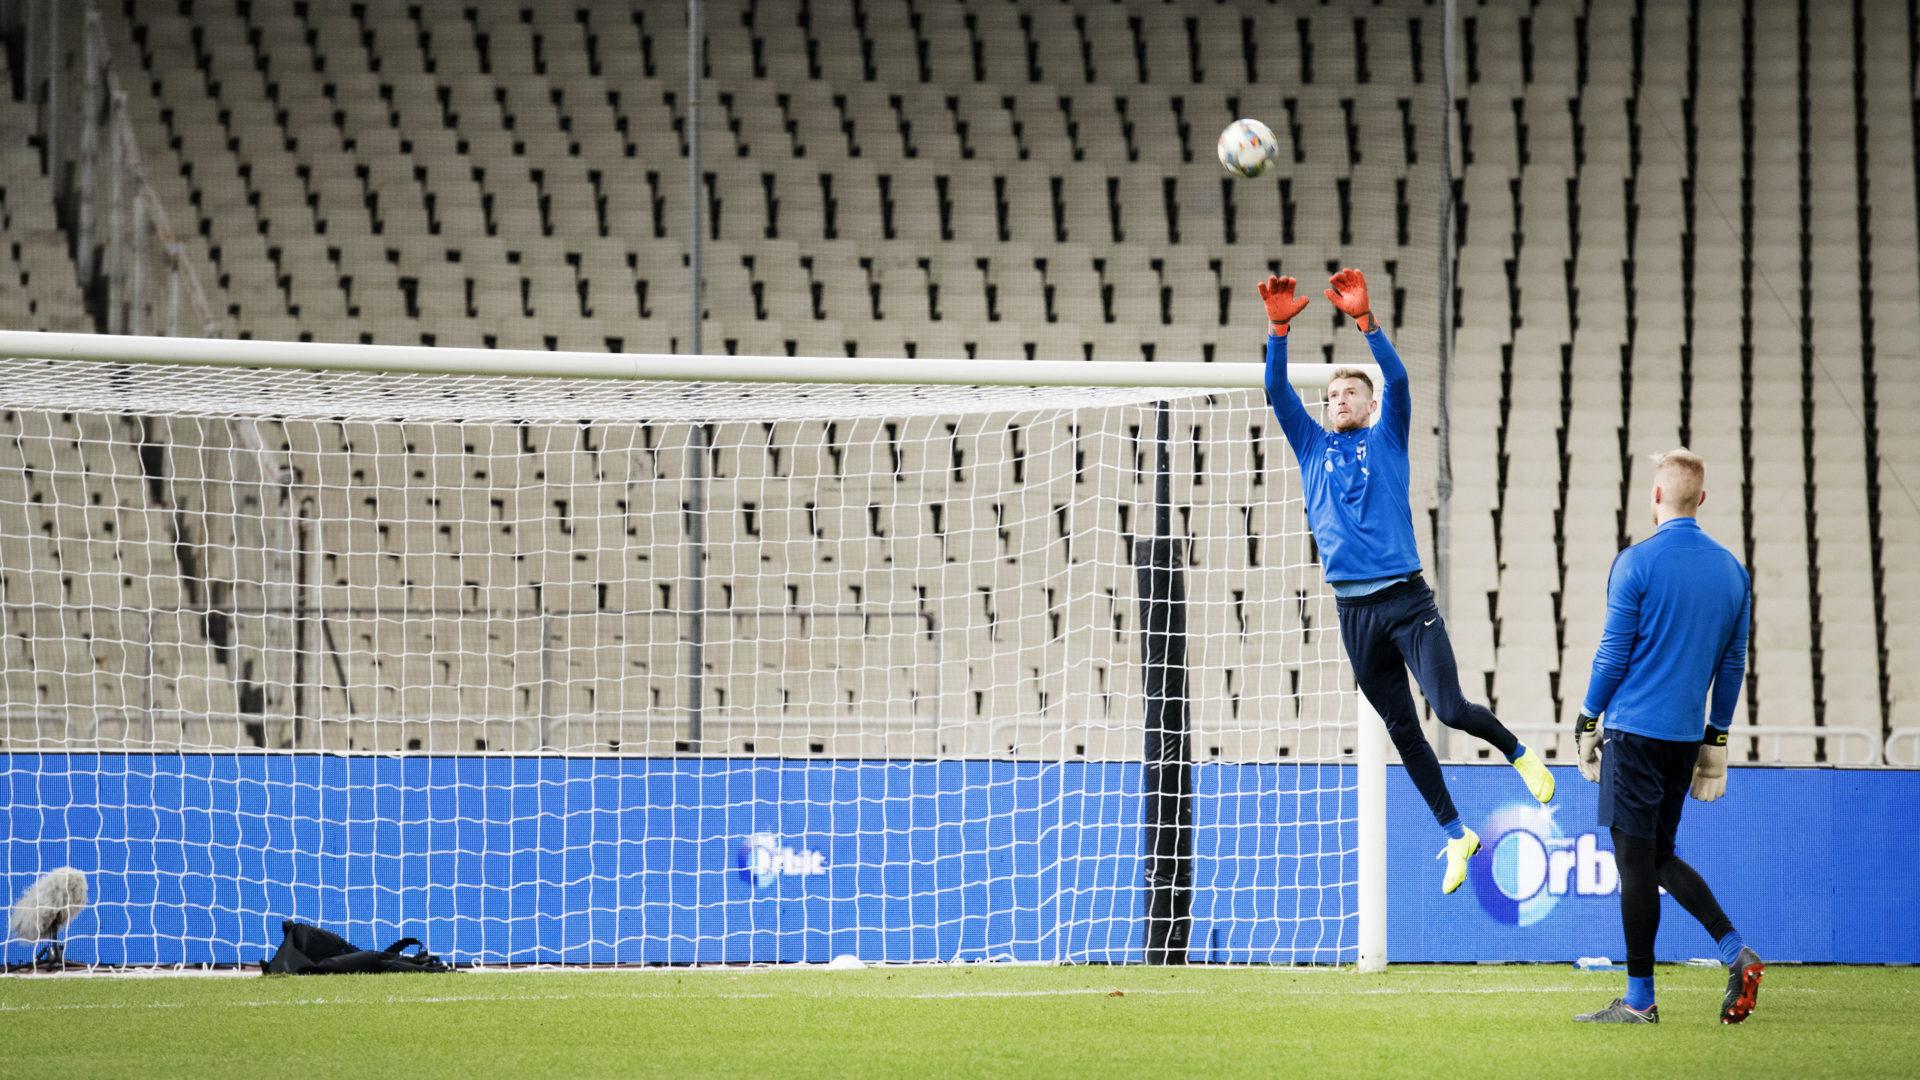 Lucas Hradecky maajoukkueen harjoituksissa Ateenan Olympiastadionilla.